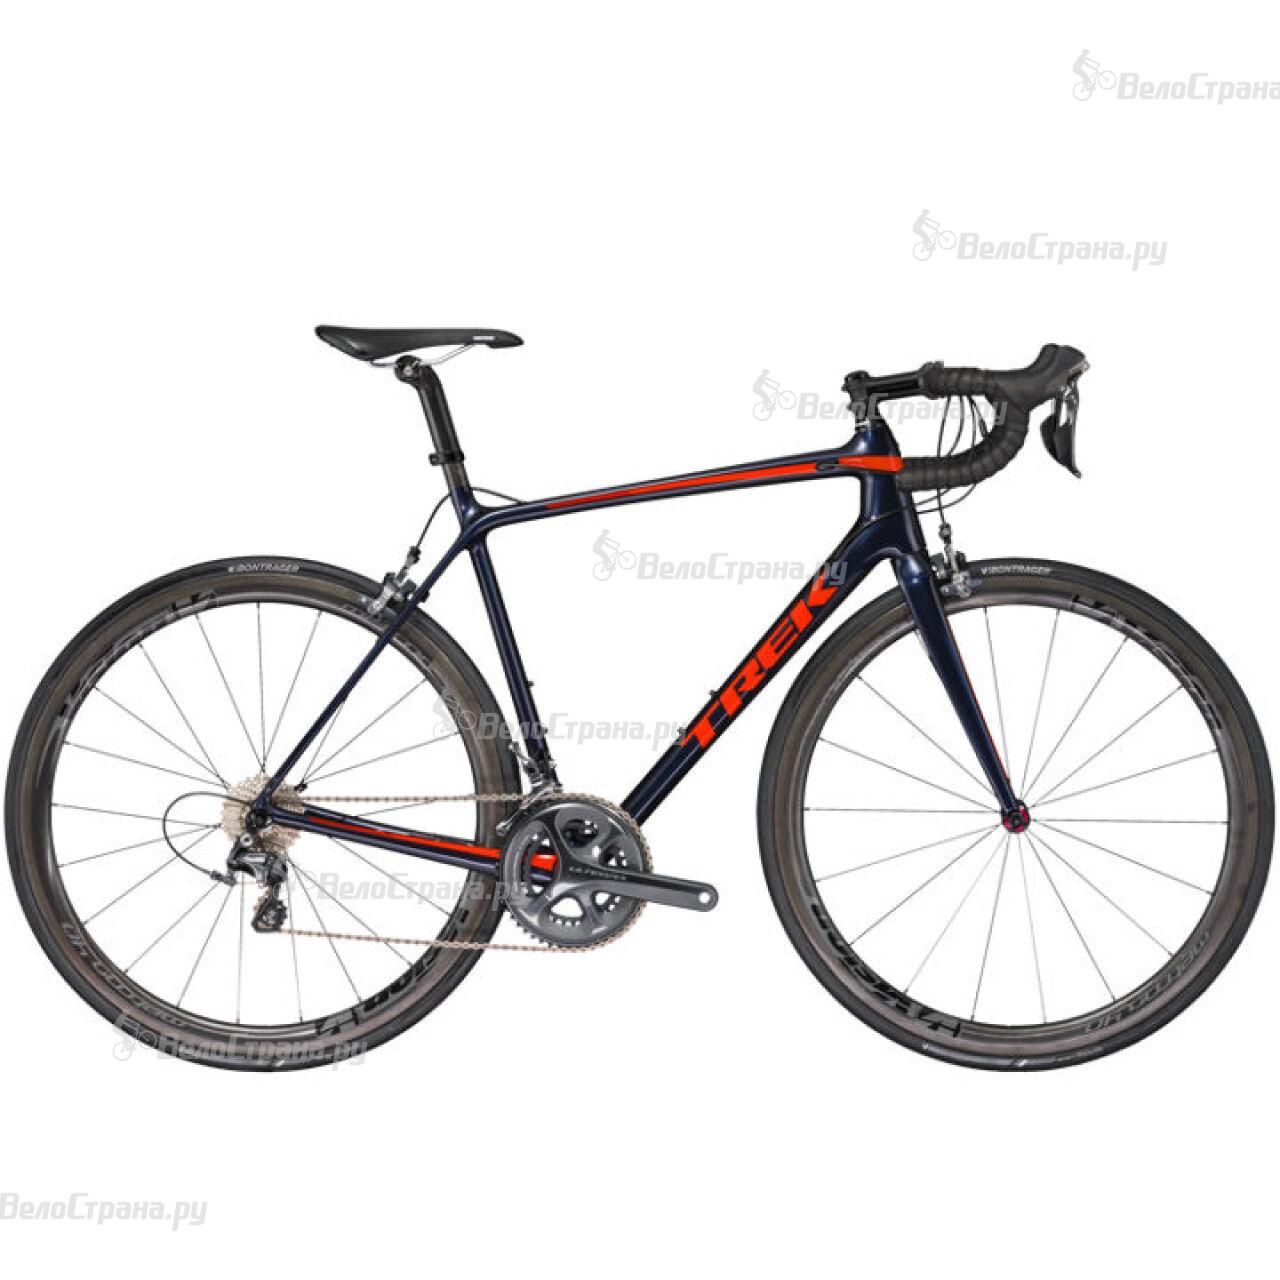 Велосипед Trek Emonda SL 6 Carbon (2017) велосипед trek emonda s 4 2015